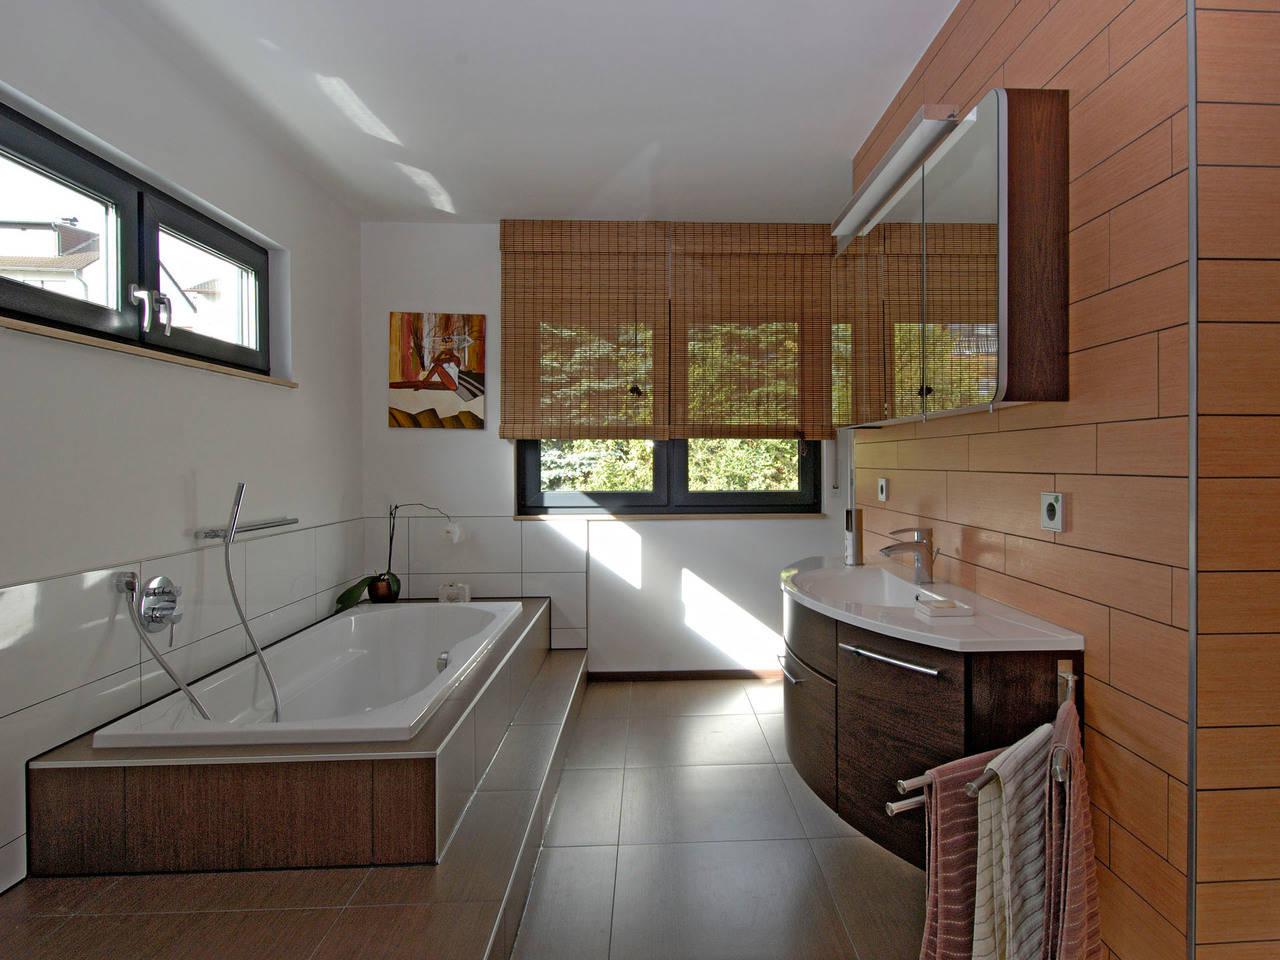 Haus Becker Fertighaus Weiss Badezimmer